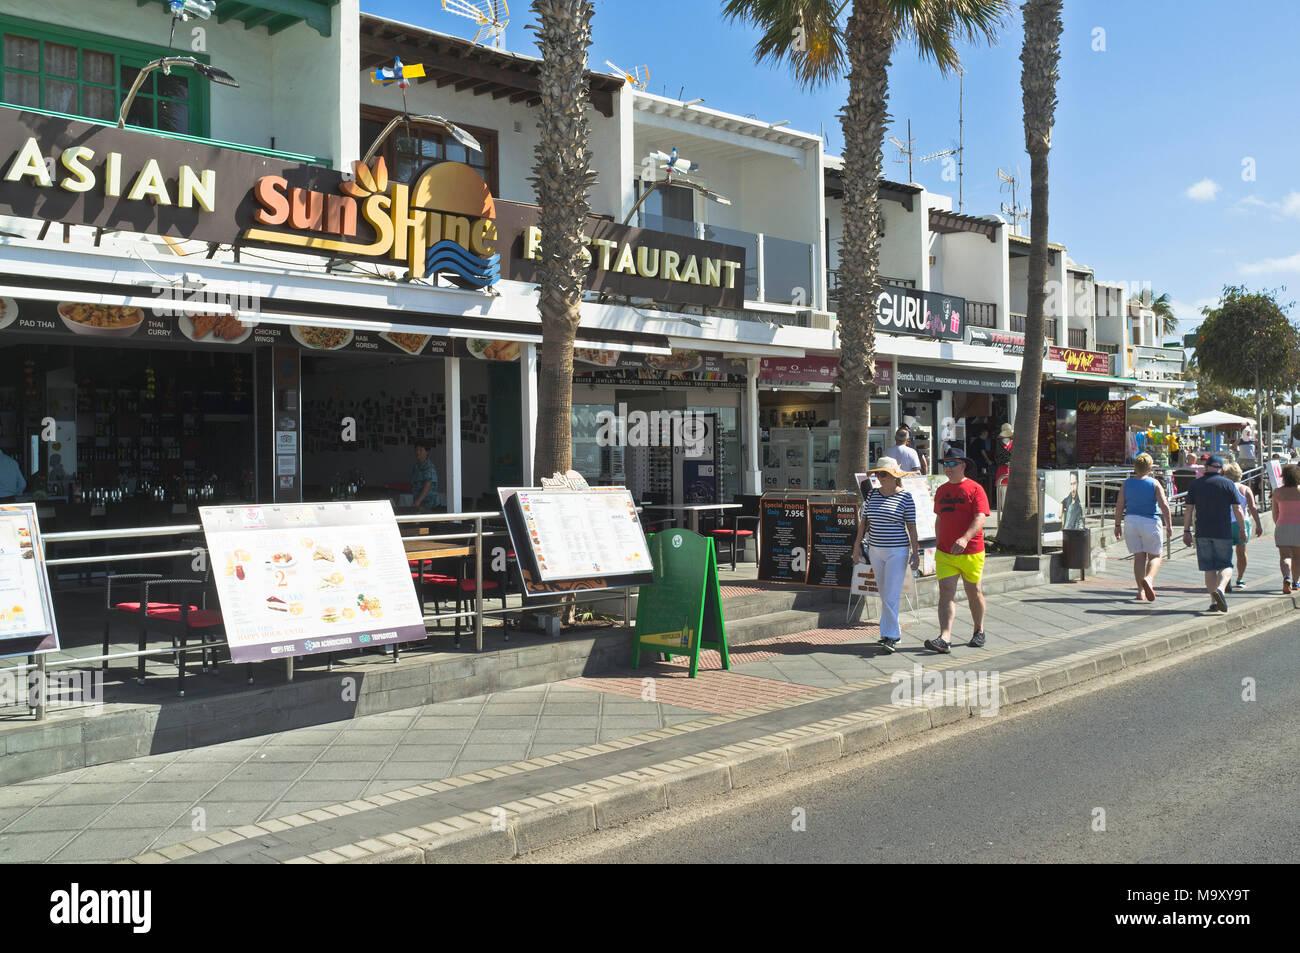 Puerto del carmen lanzarote restaurants stock photos - Lanzarote walks from puerto del carmen ...